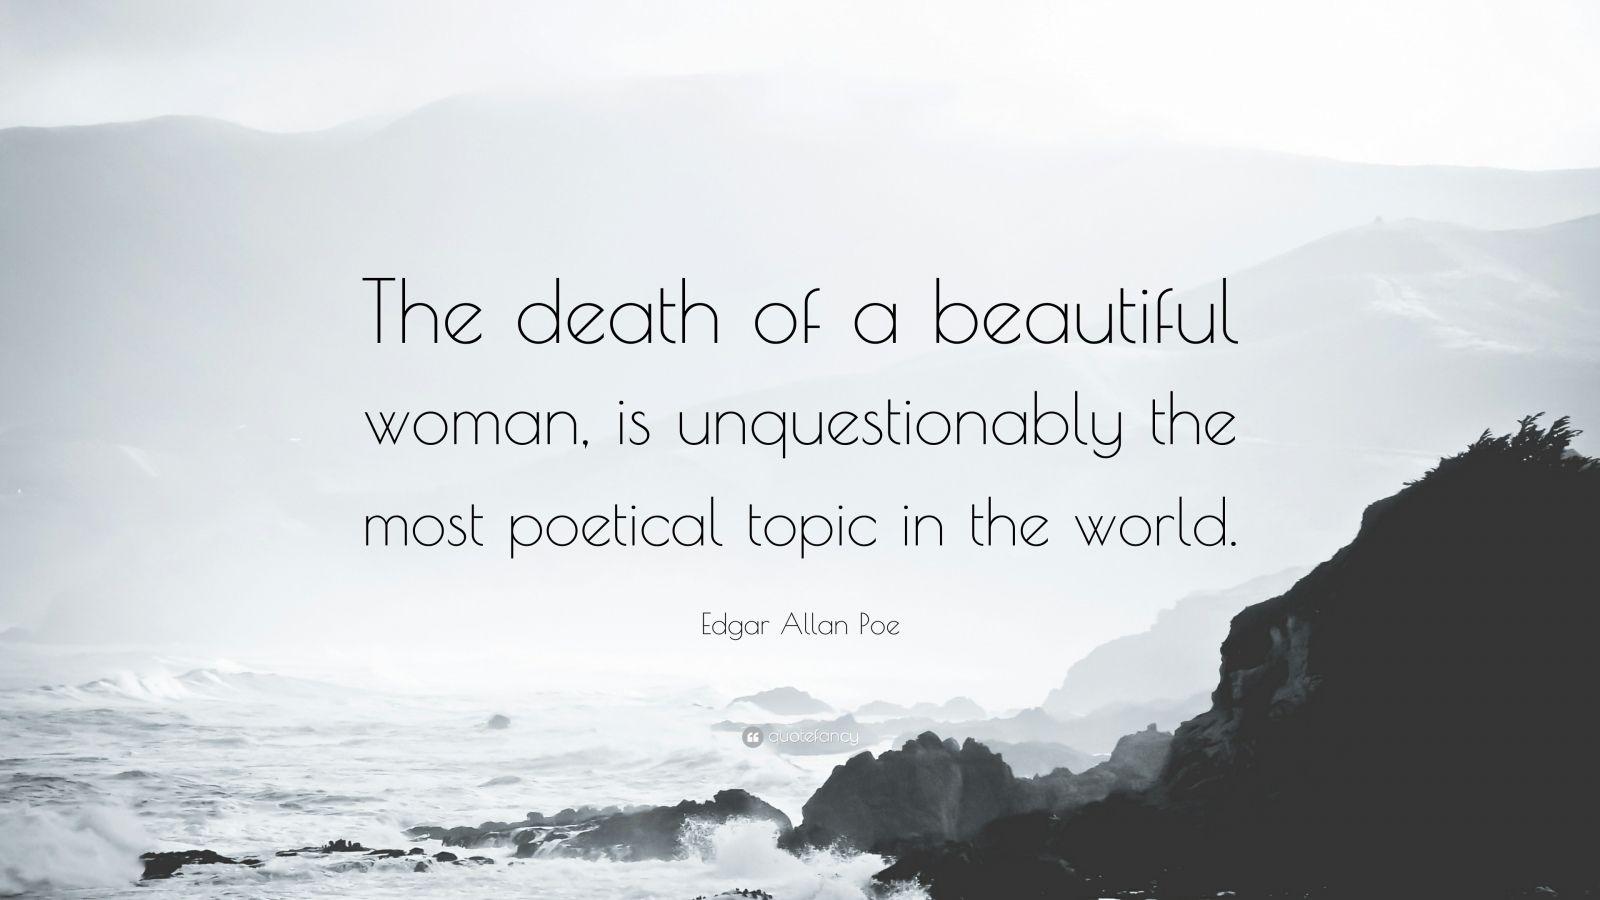 Edgar Allan Poe Quotes 45 Wallpapers - Quotefancy-8229